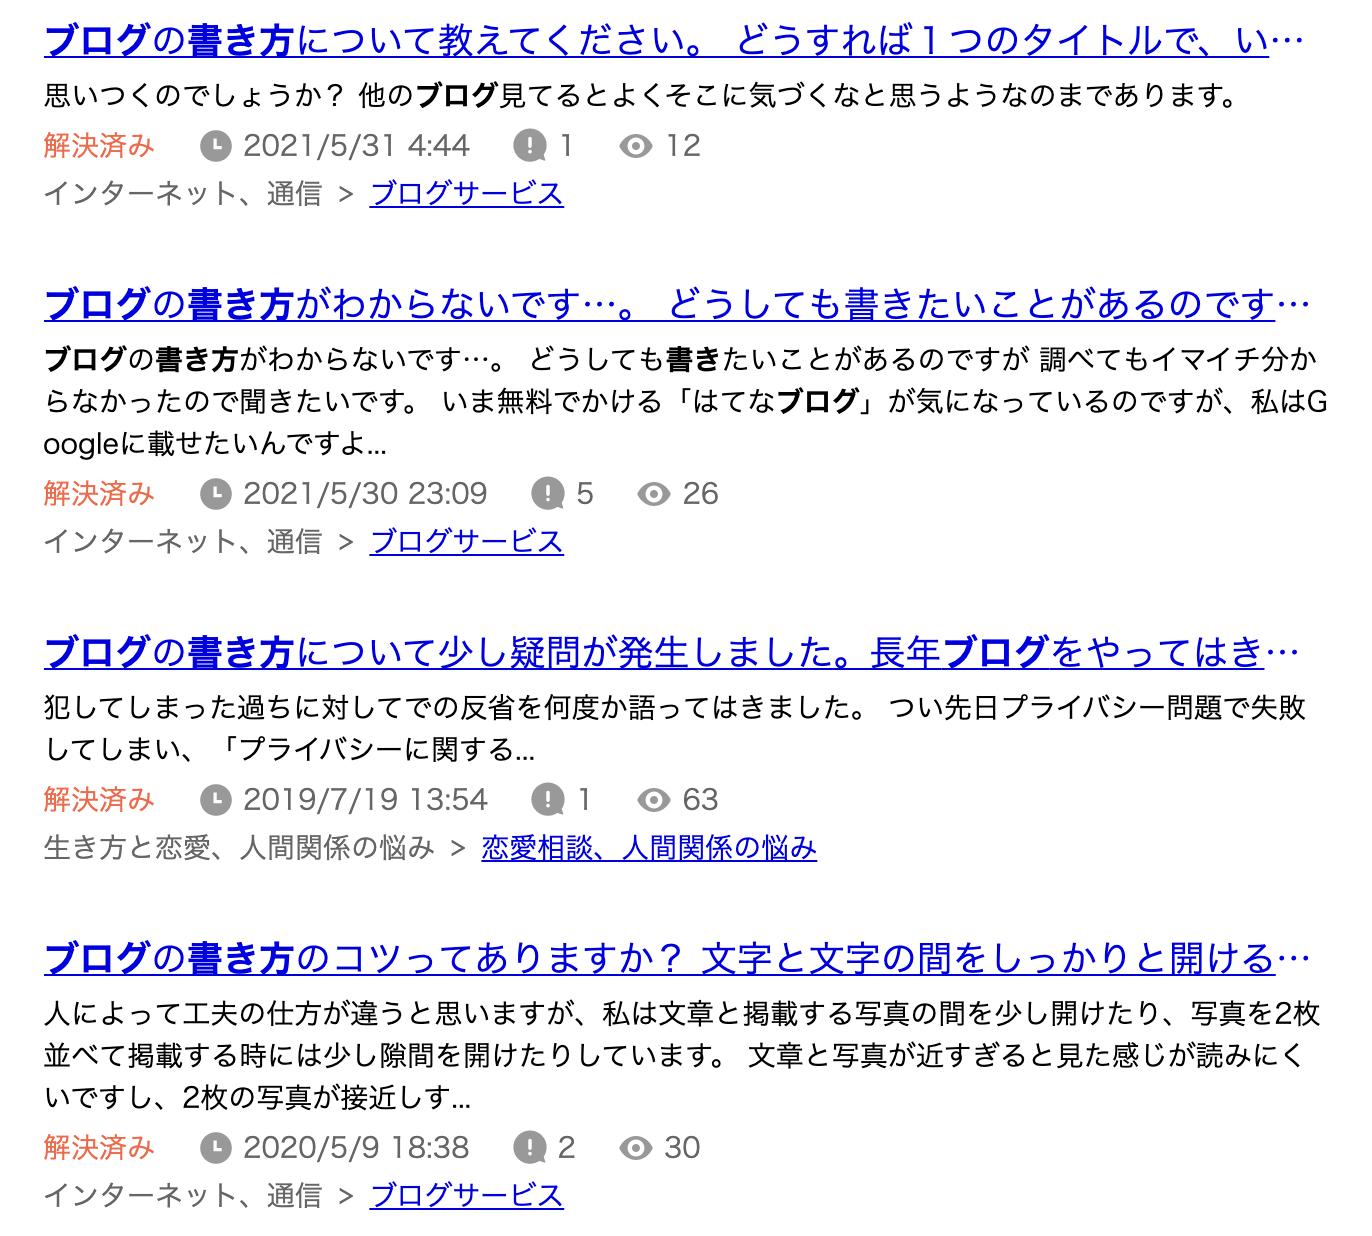 Yahoo!知恵袋で「ブログ 書き方」と検索した結果